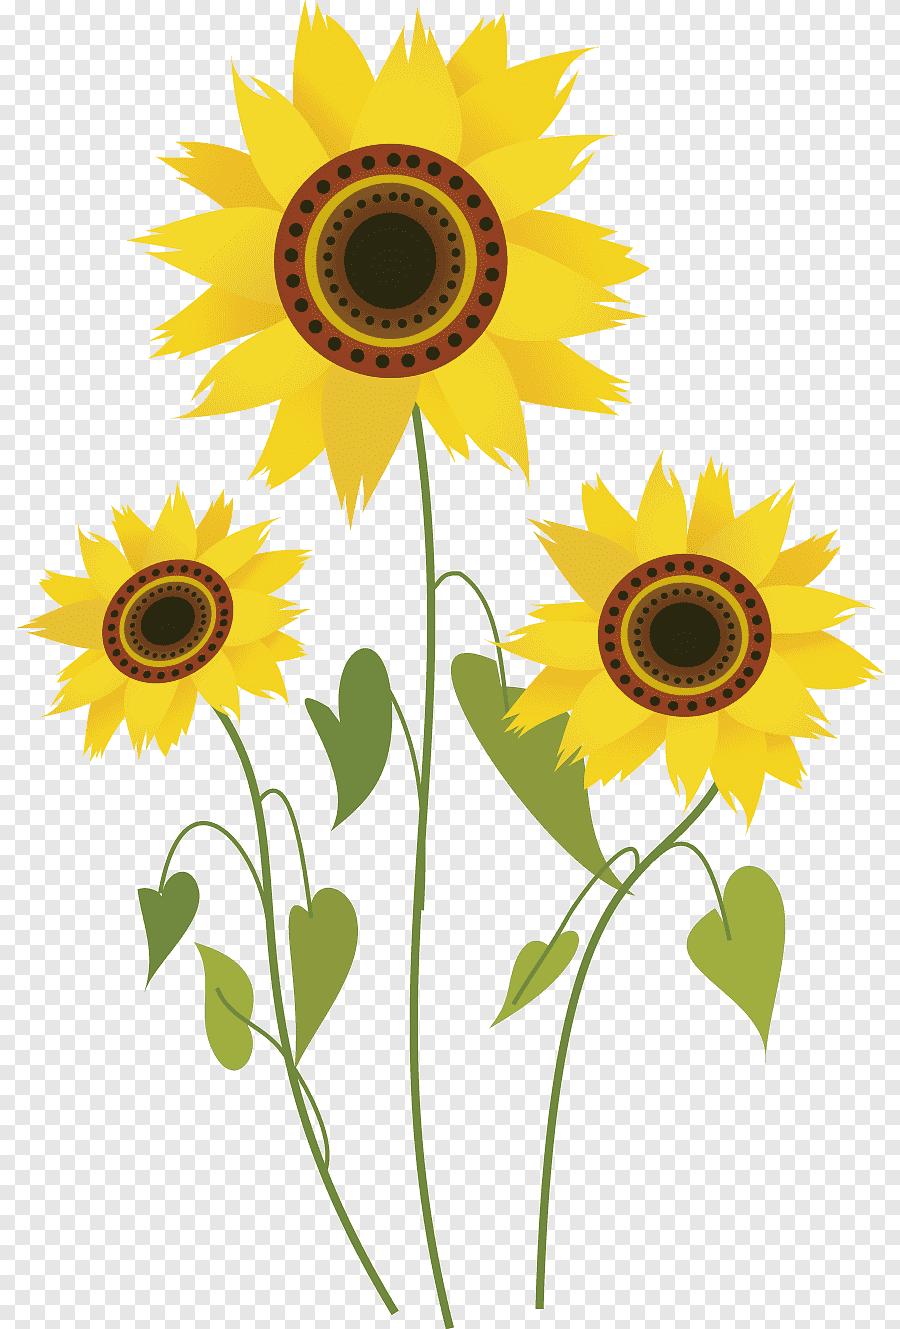 Sunflower Cartoon Drawing : sunflower, cartoon, drawing, Common, Sunflower, Drawing, Computer, File,, Cartoon, Flowers,, Sunflower,, PNGEgg